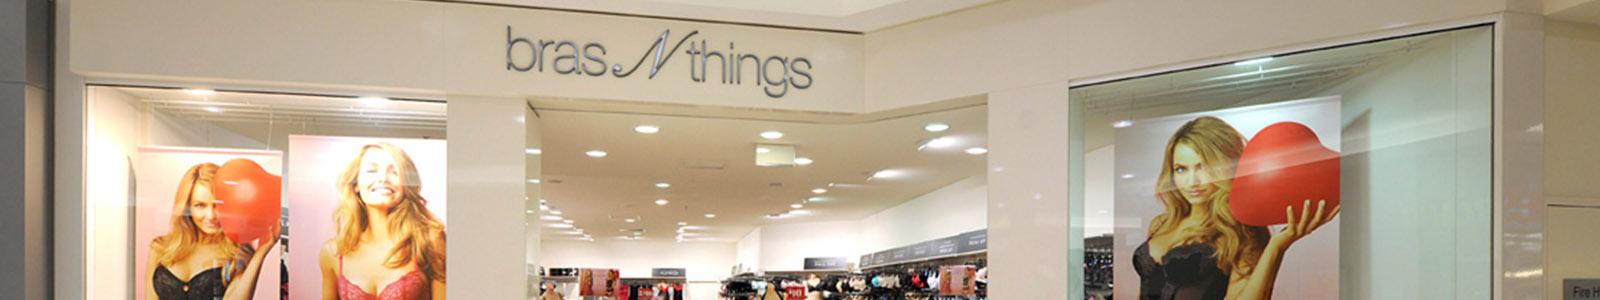 Bras N Things